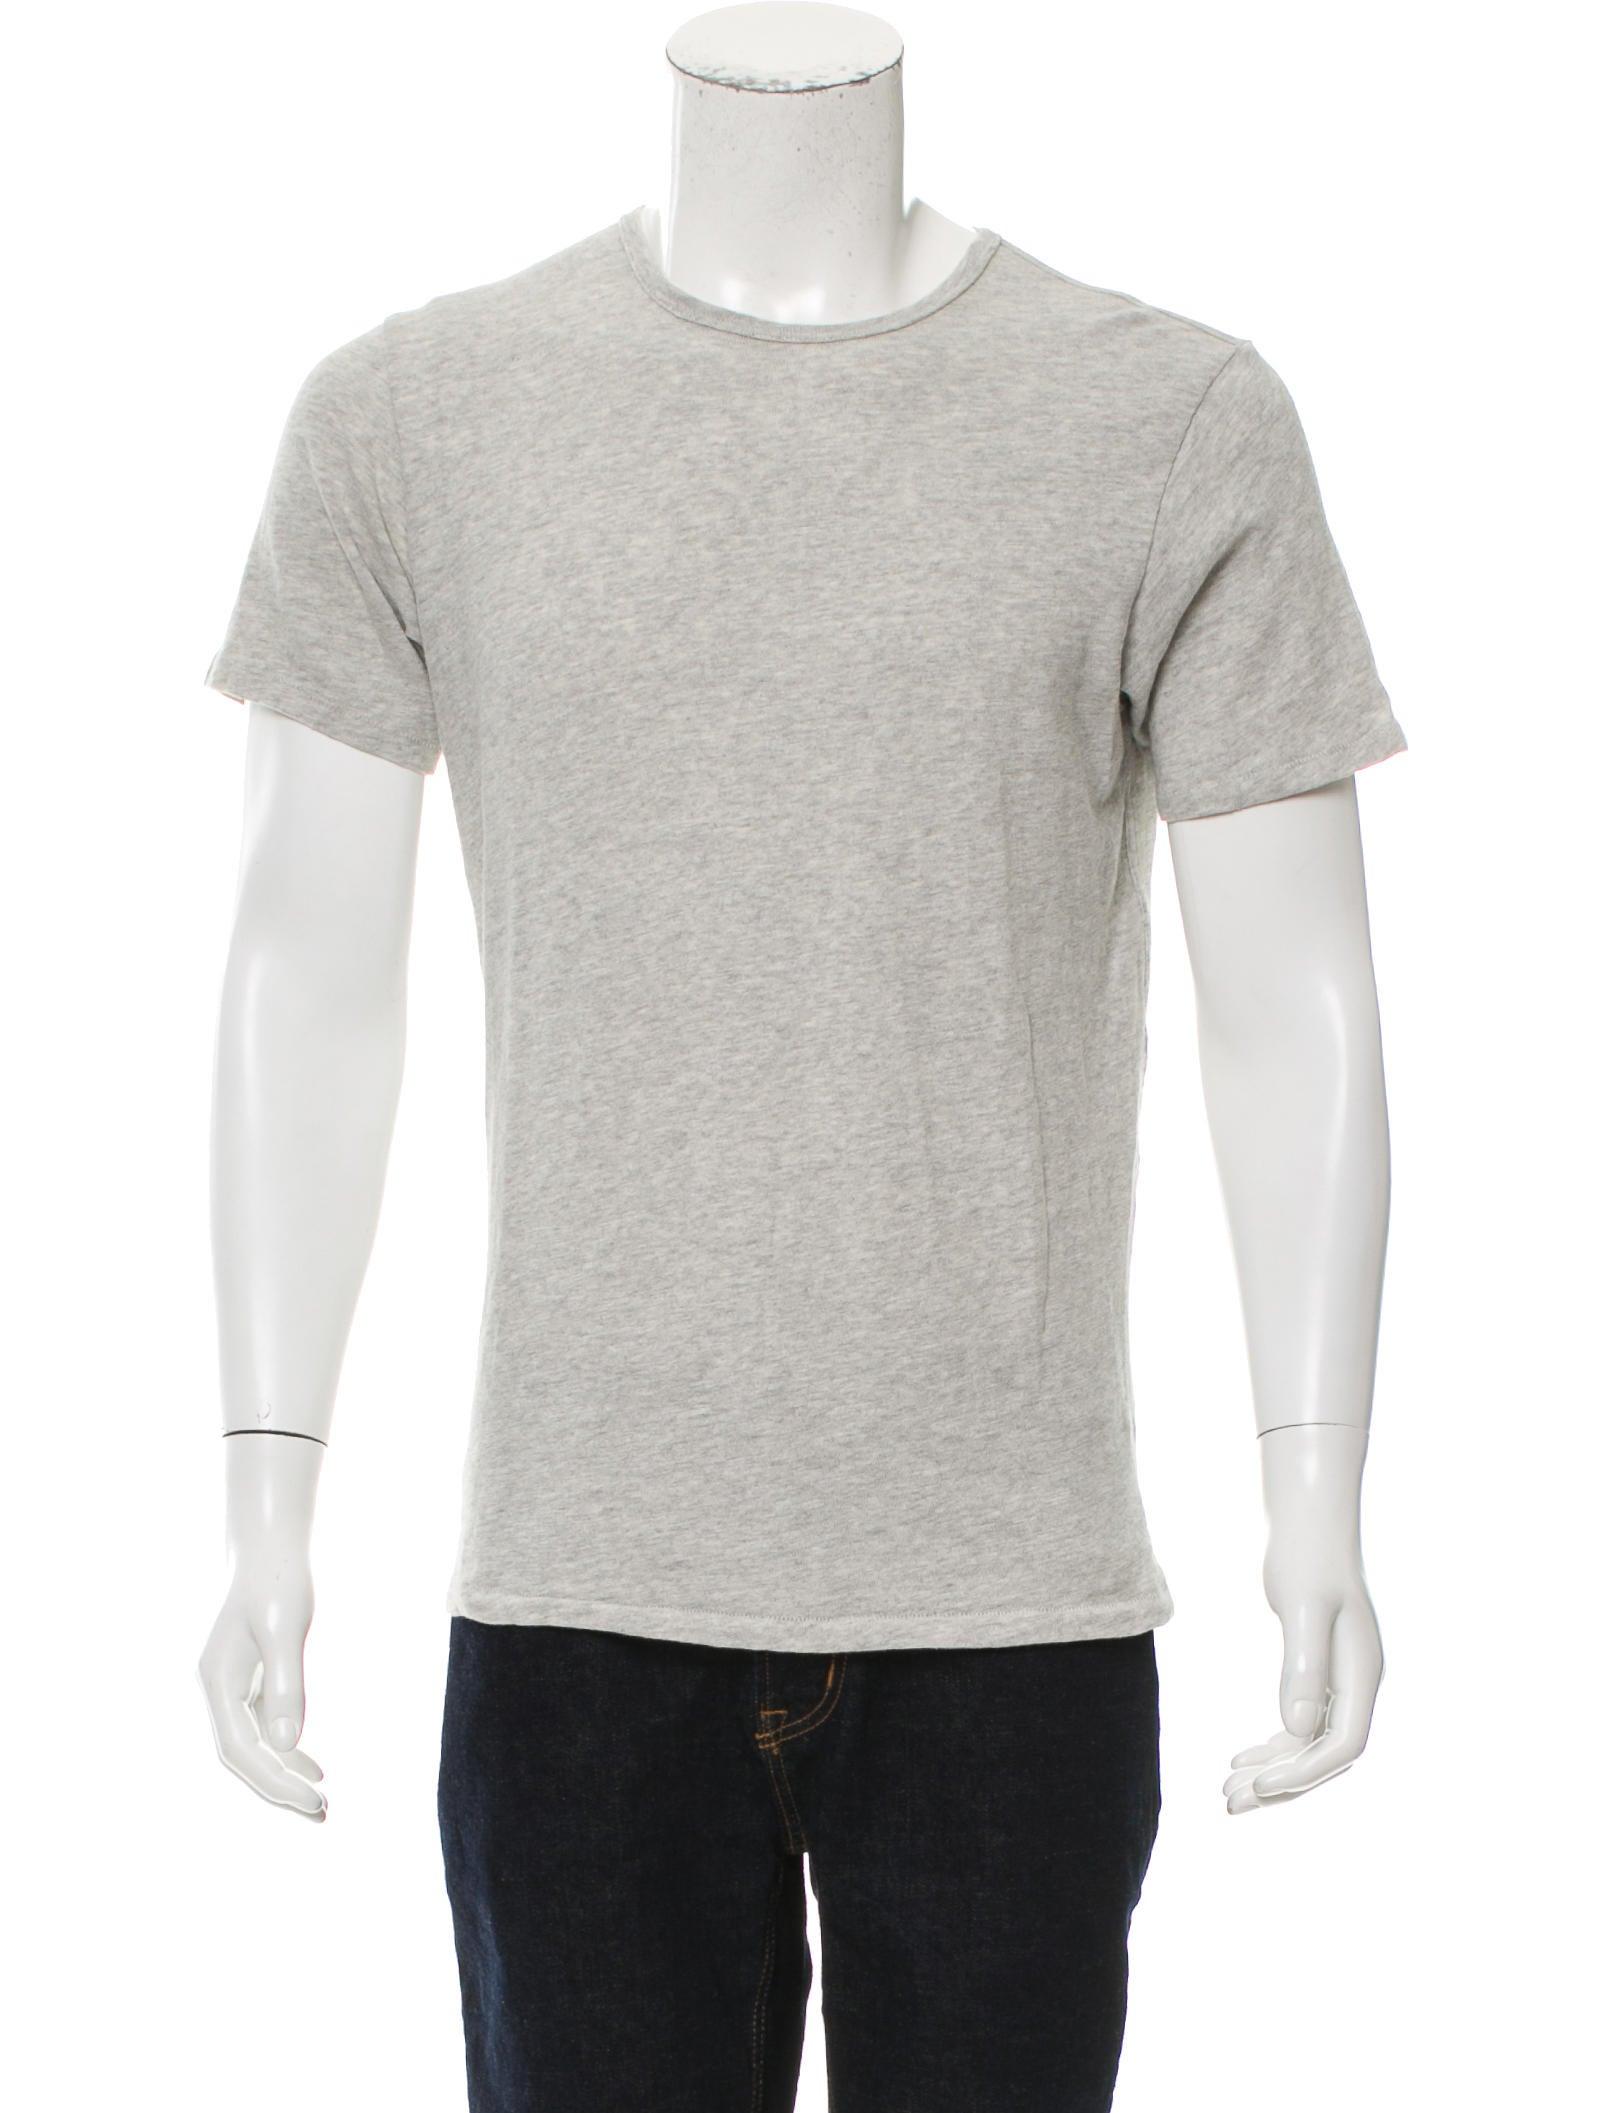 Rag Bone M Lange Crew Neck T Shirt Clothing